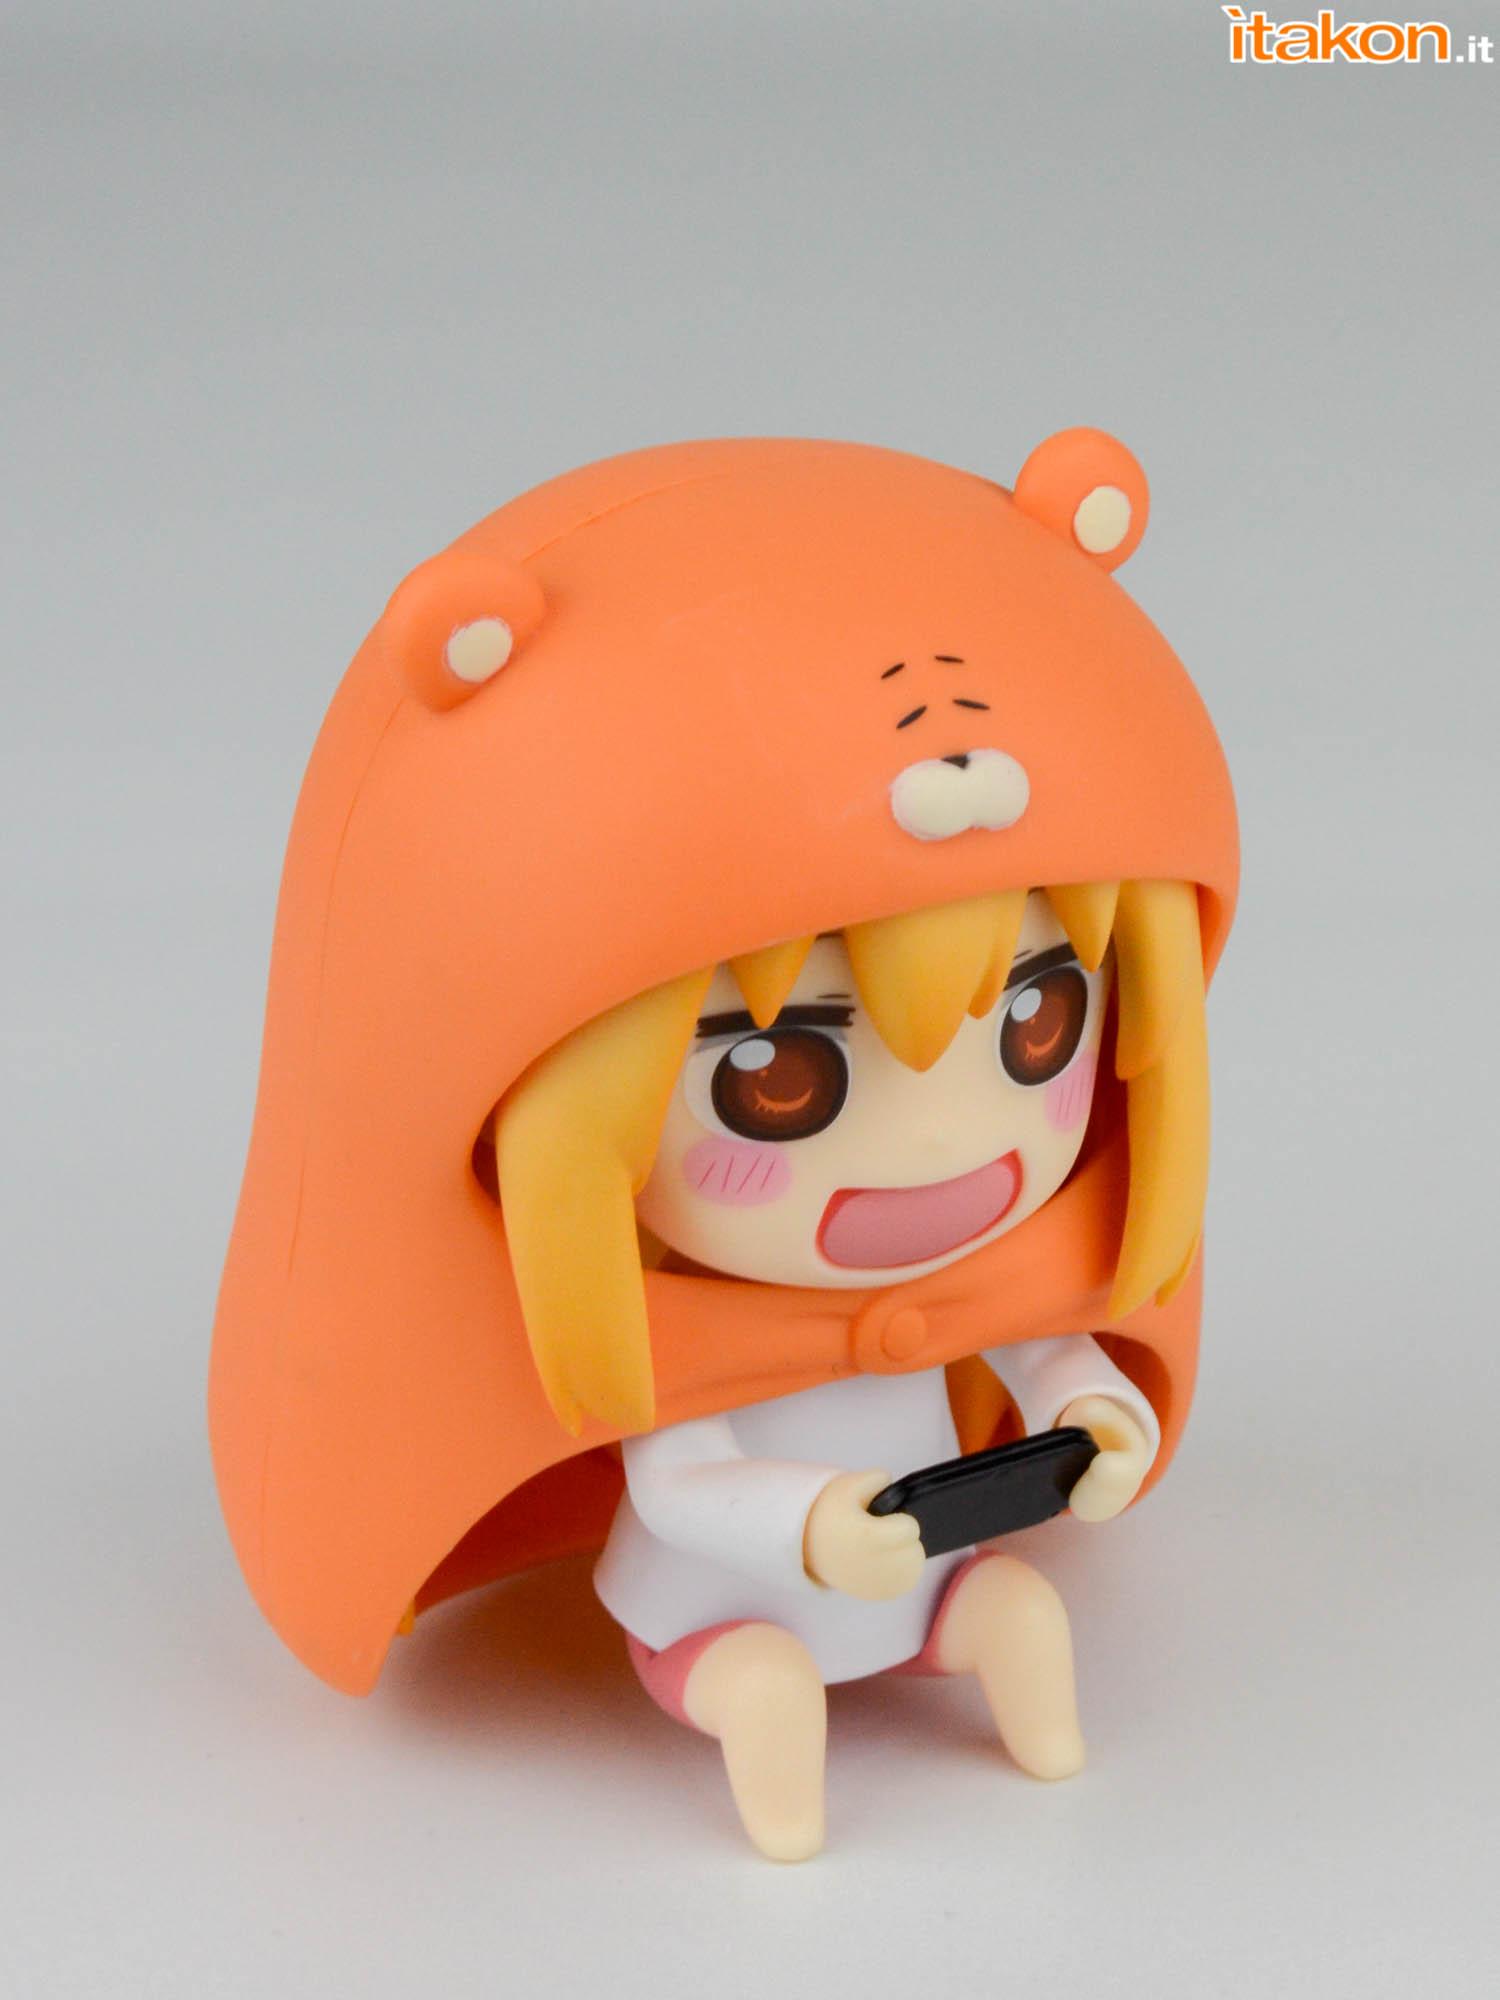 Umaru_Nendoroid_GSC_524_review-69